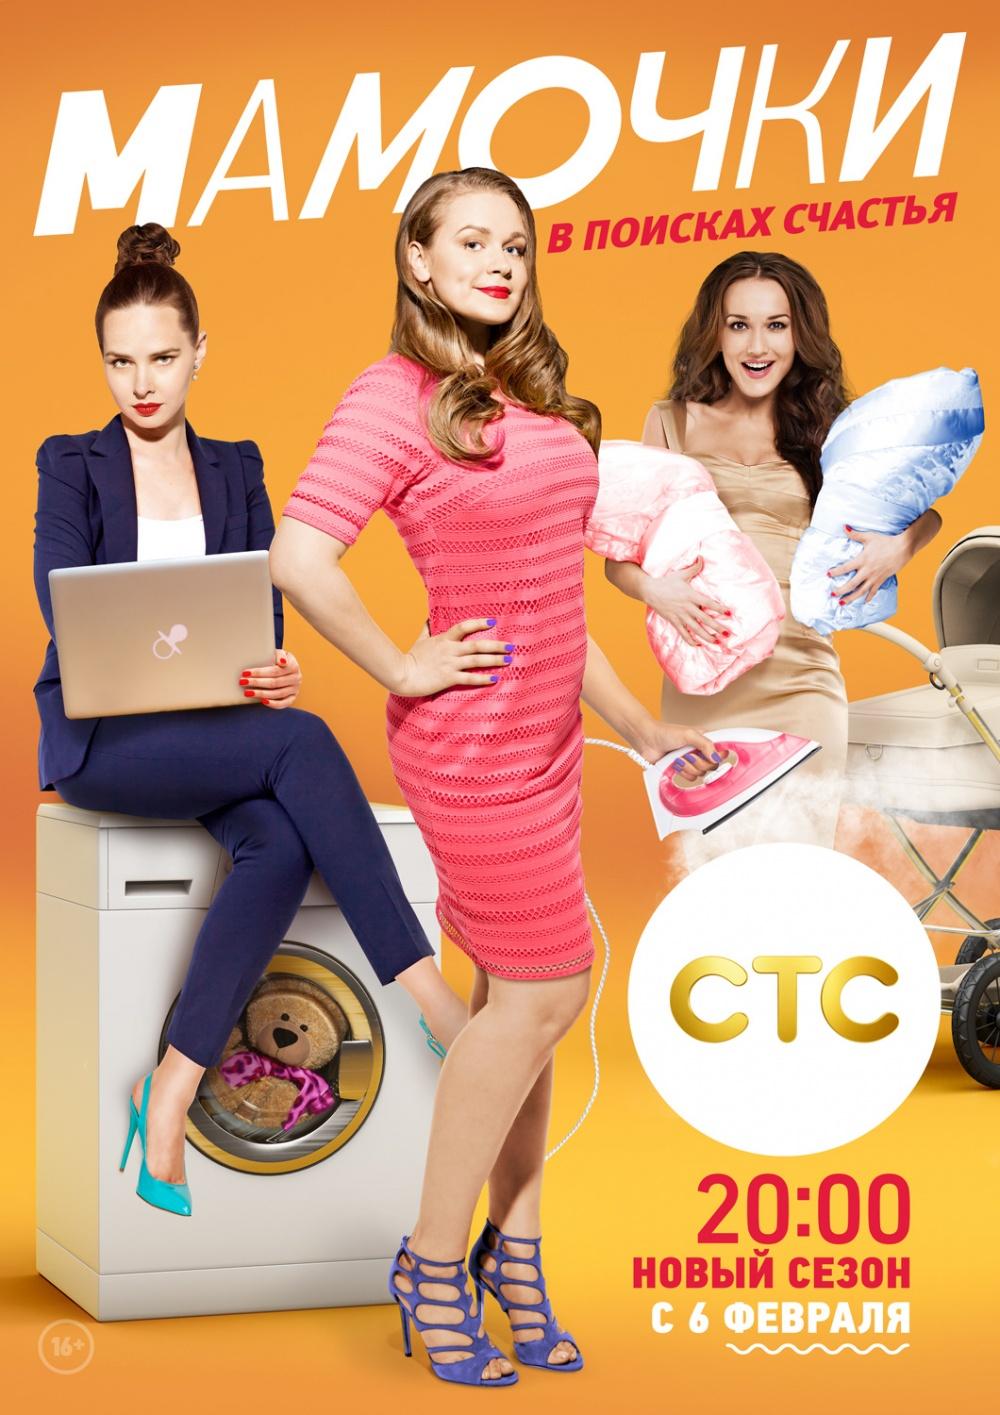 Русские сериалы 2017 2018 смотреть онлайн бесплатно в